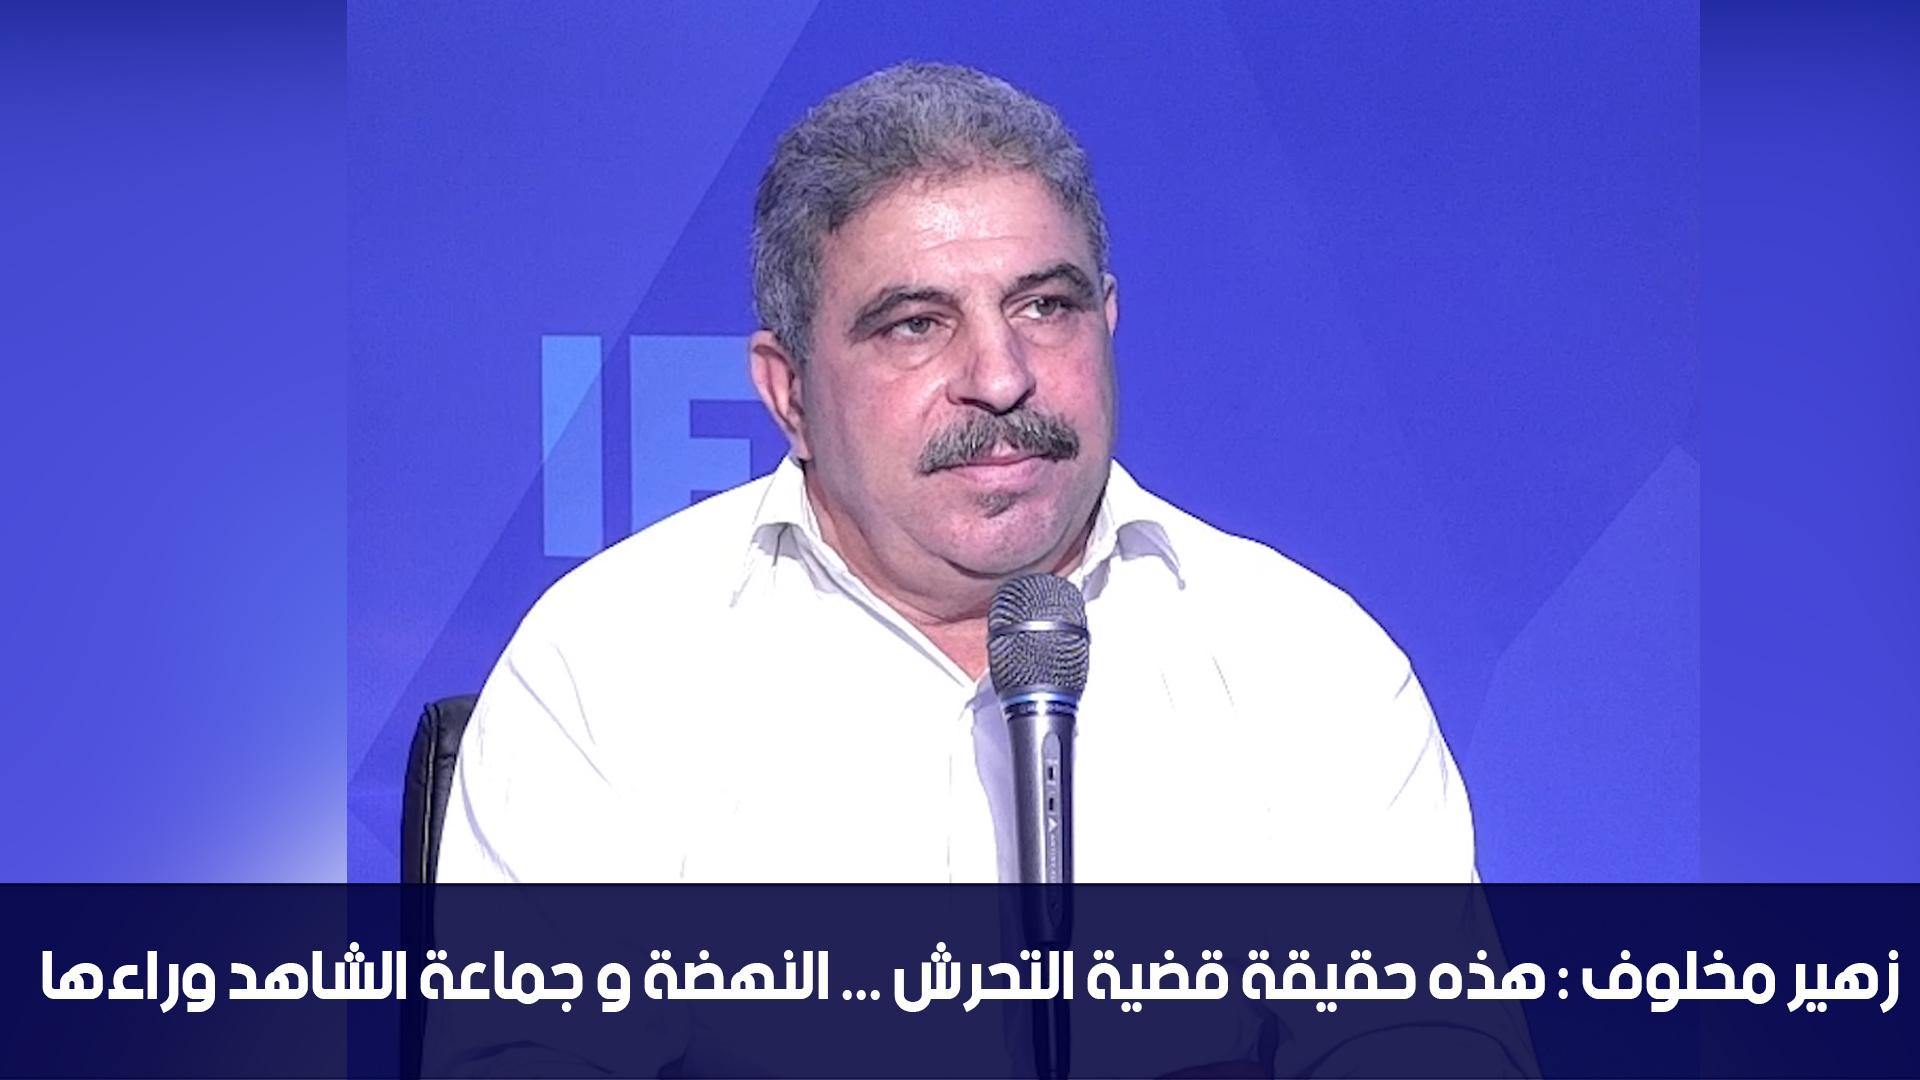 زهير مخلوف : هذه حقيقة قضية التحرش ... النهضة و جماعة الشاهد وراءها